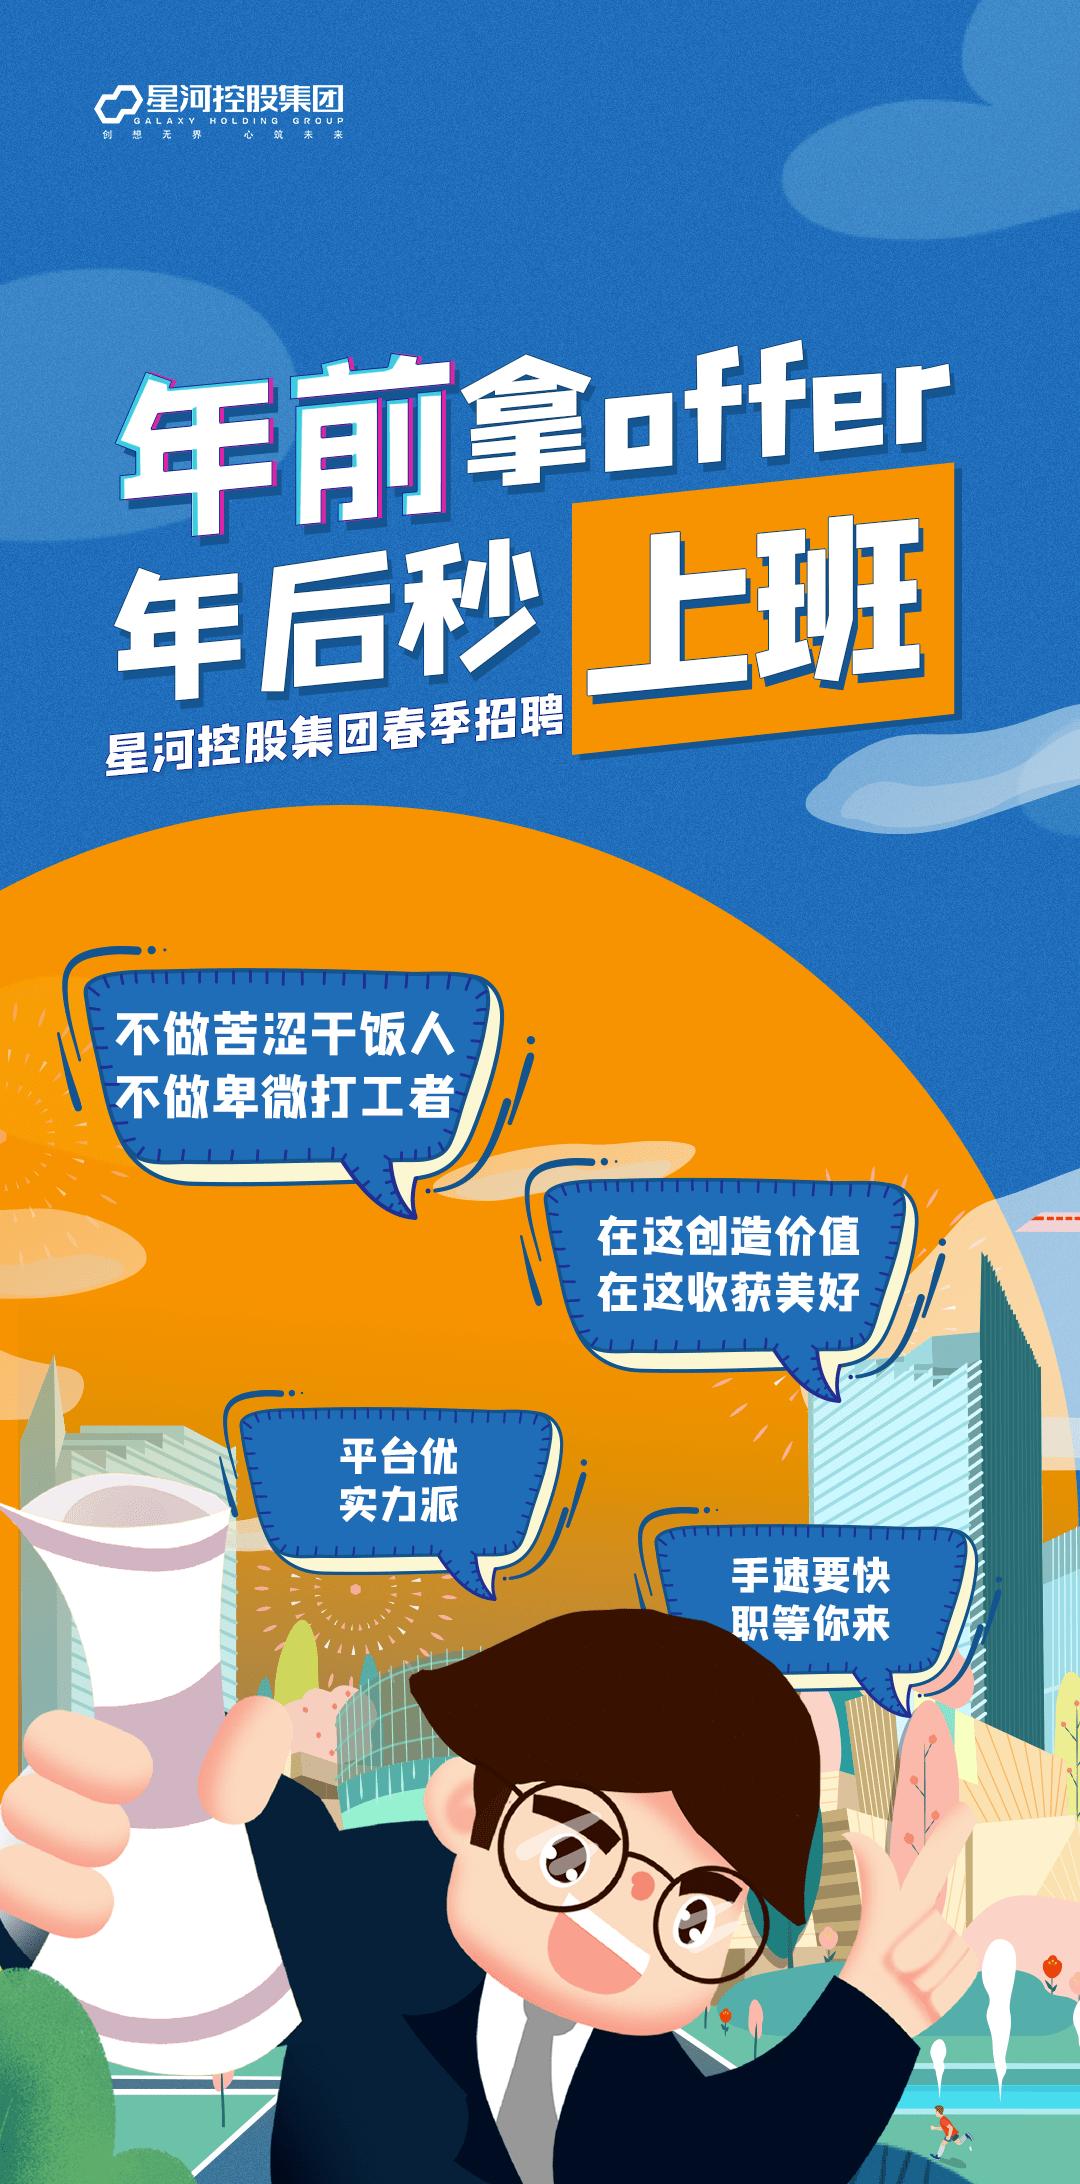 【广州招聘】给你个机会加入星河控股集团!超多岗位,年前拿offer,年后秒上班~